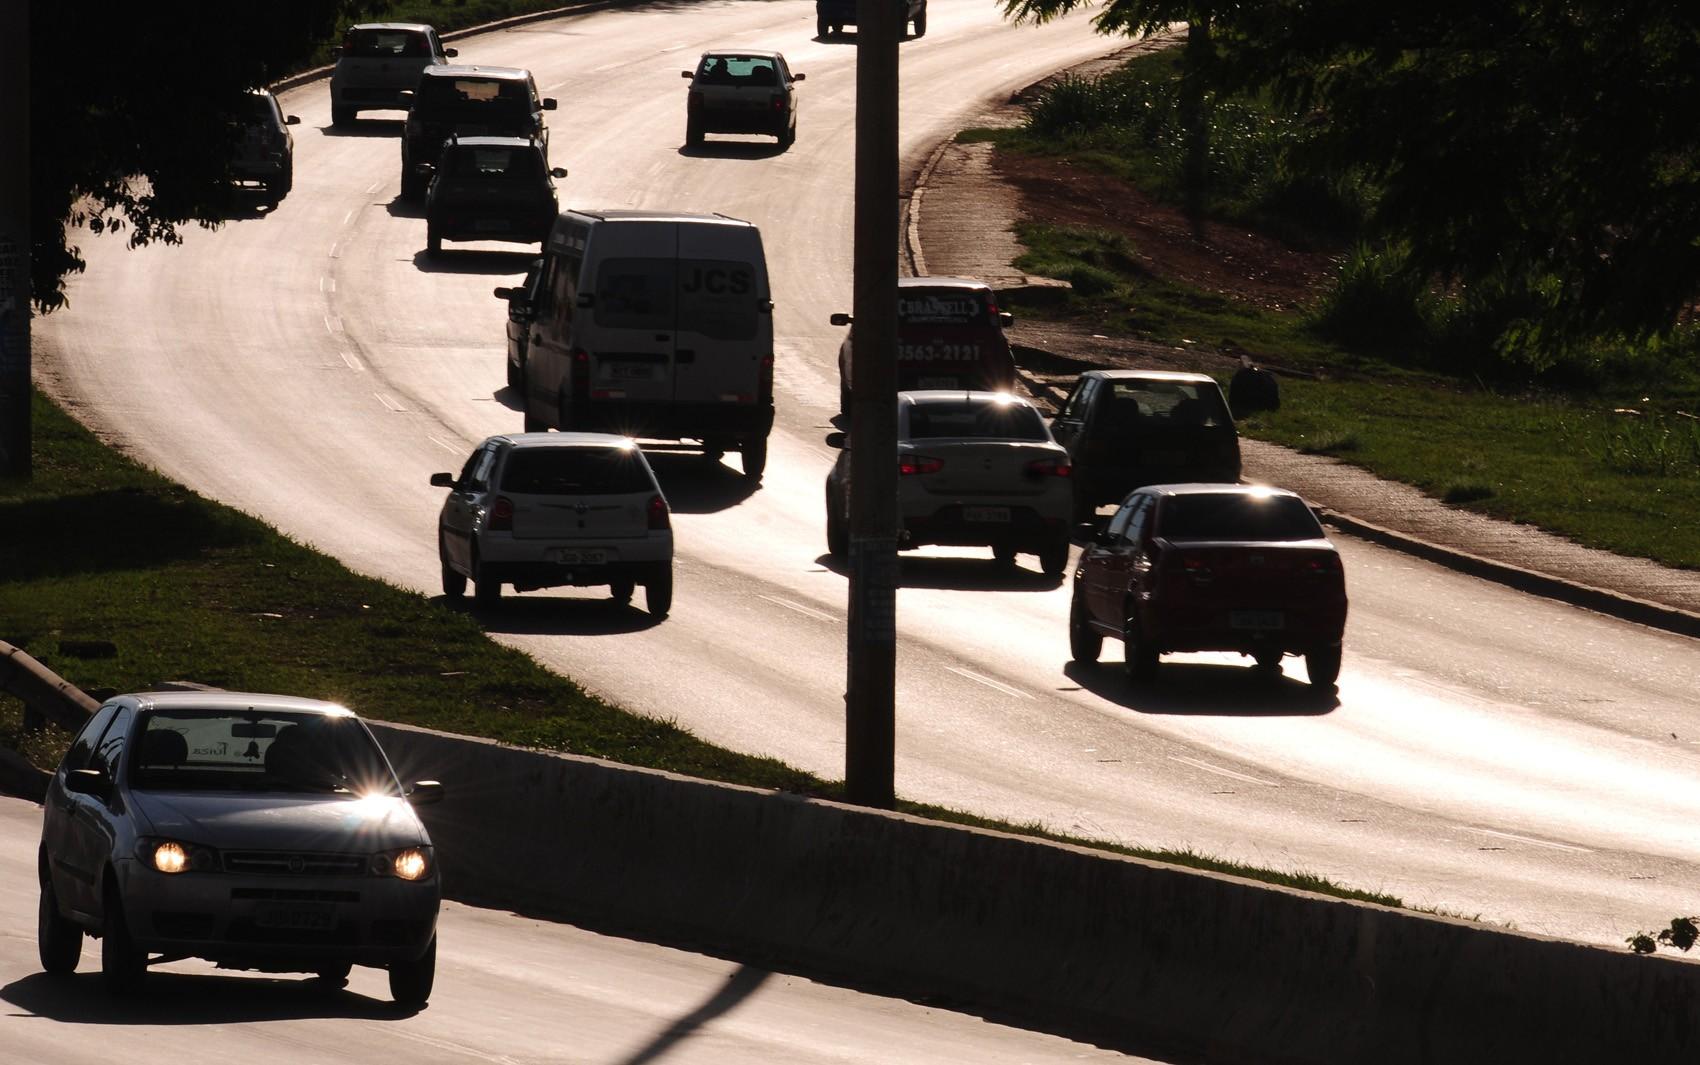 Motorista atropela e mata mulher no DF; condutor estava embriagado, diz PM